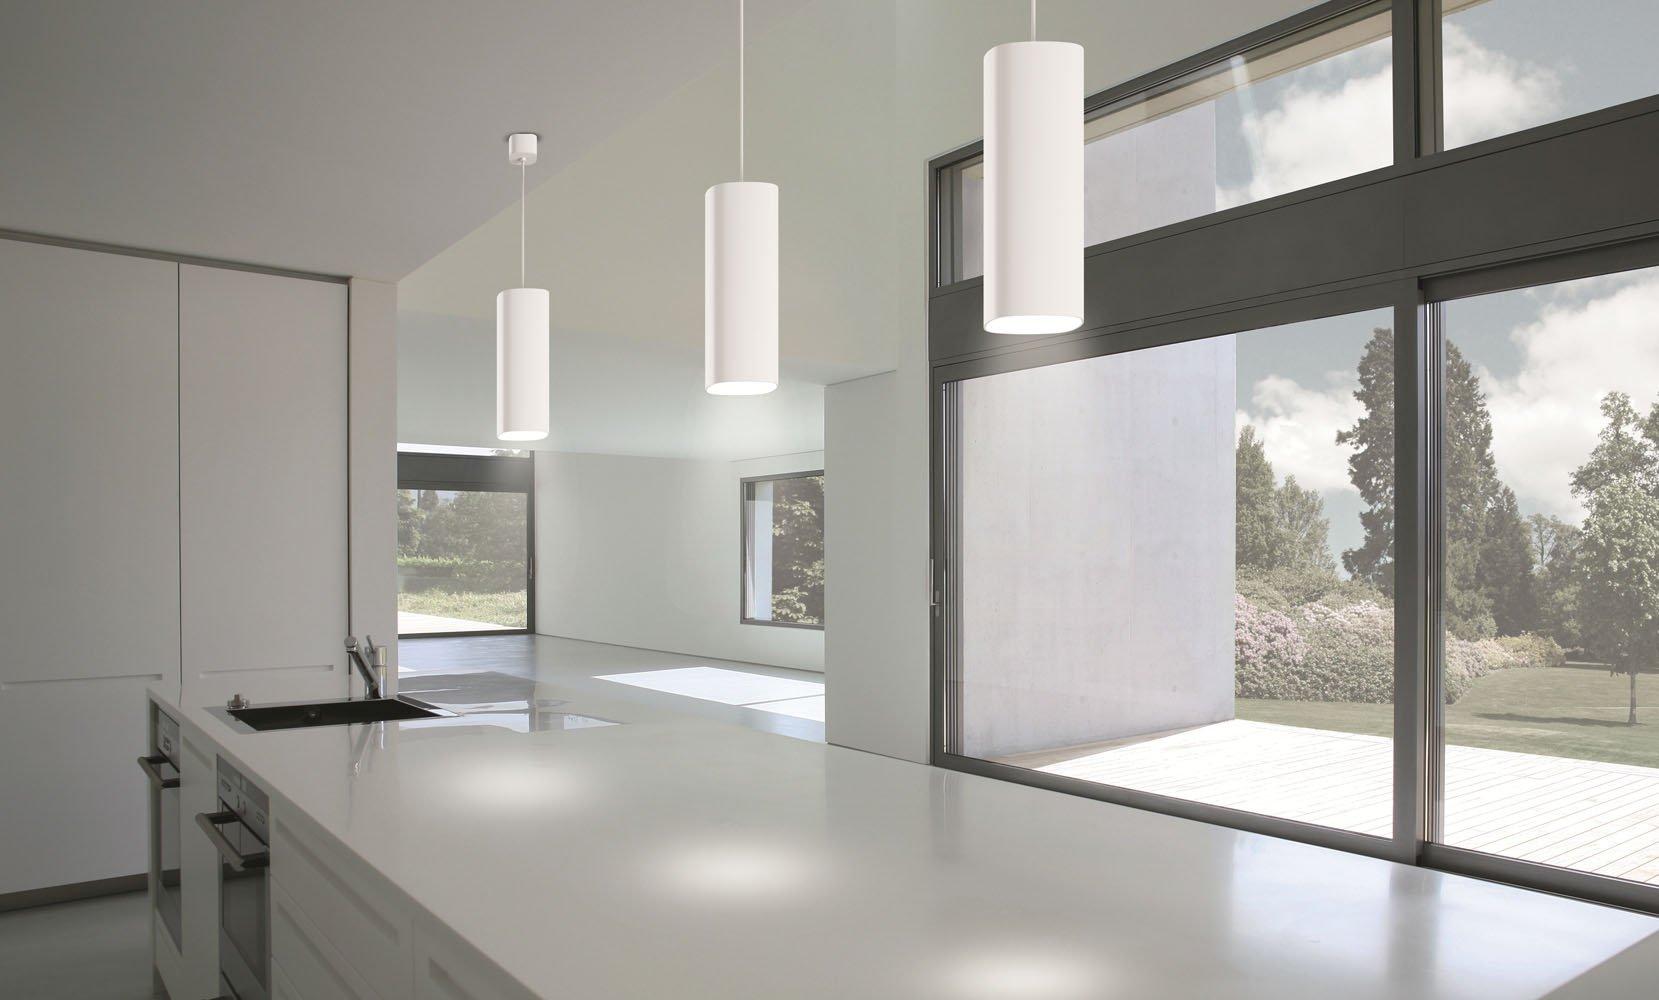 Iluminacion decorativa interiores latest iluminacin - Iluminacion de interiores ...